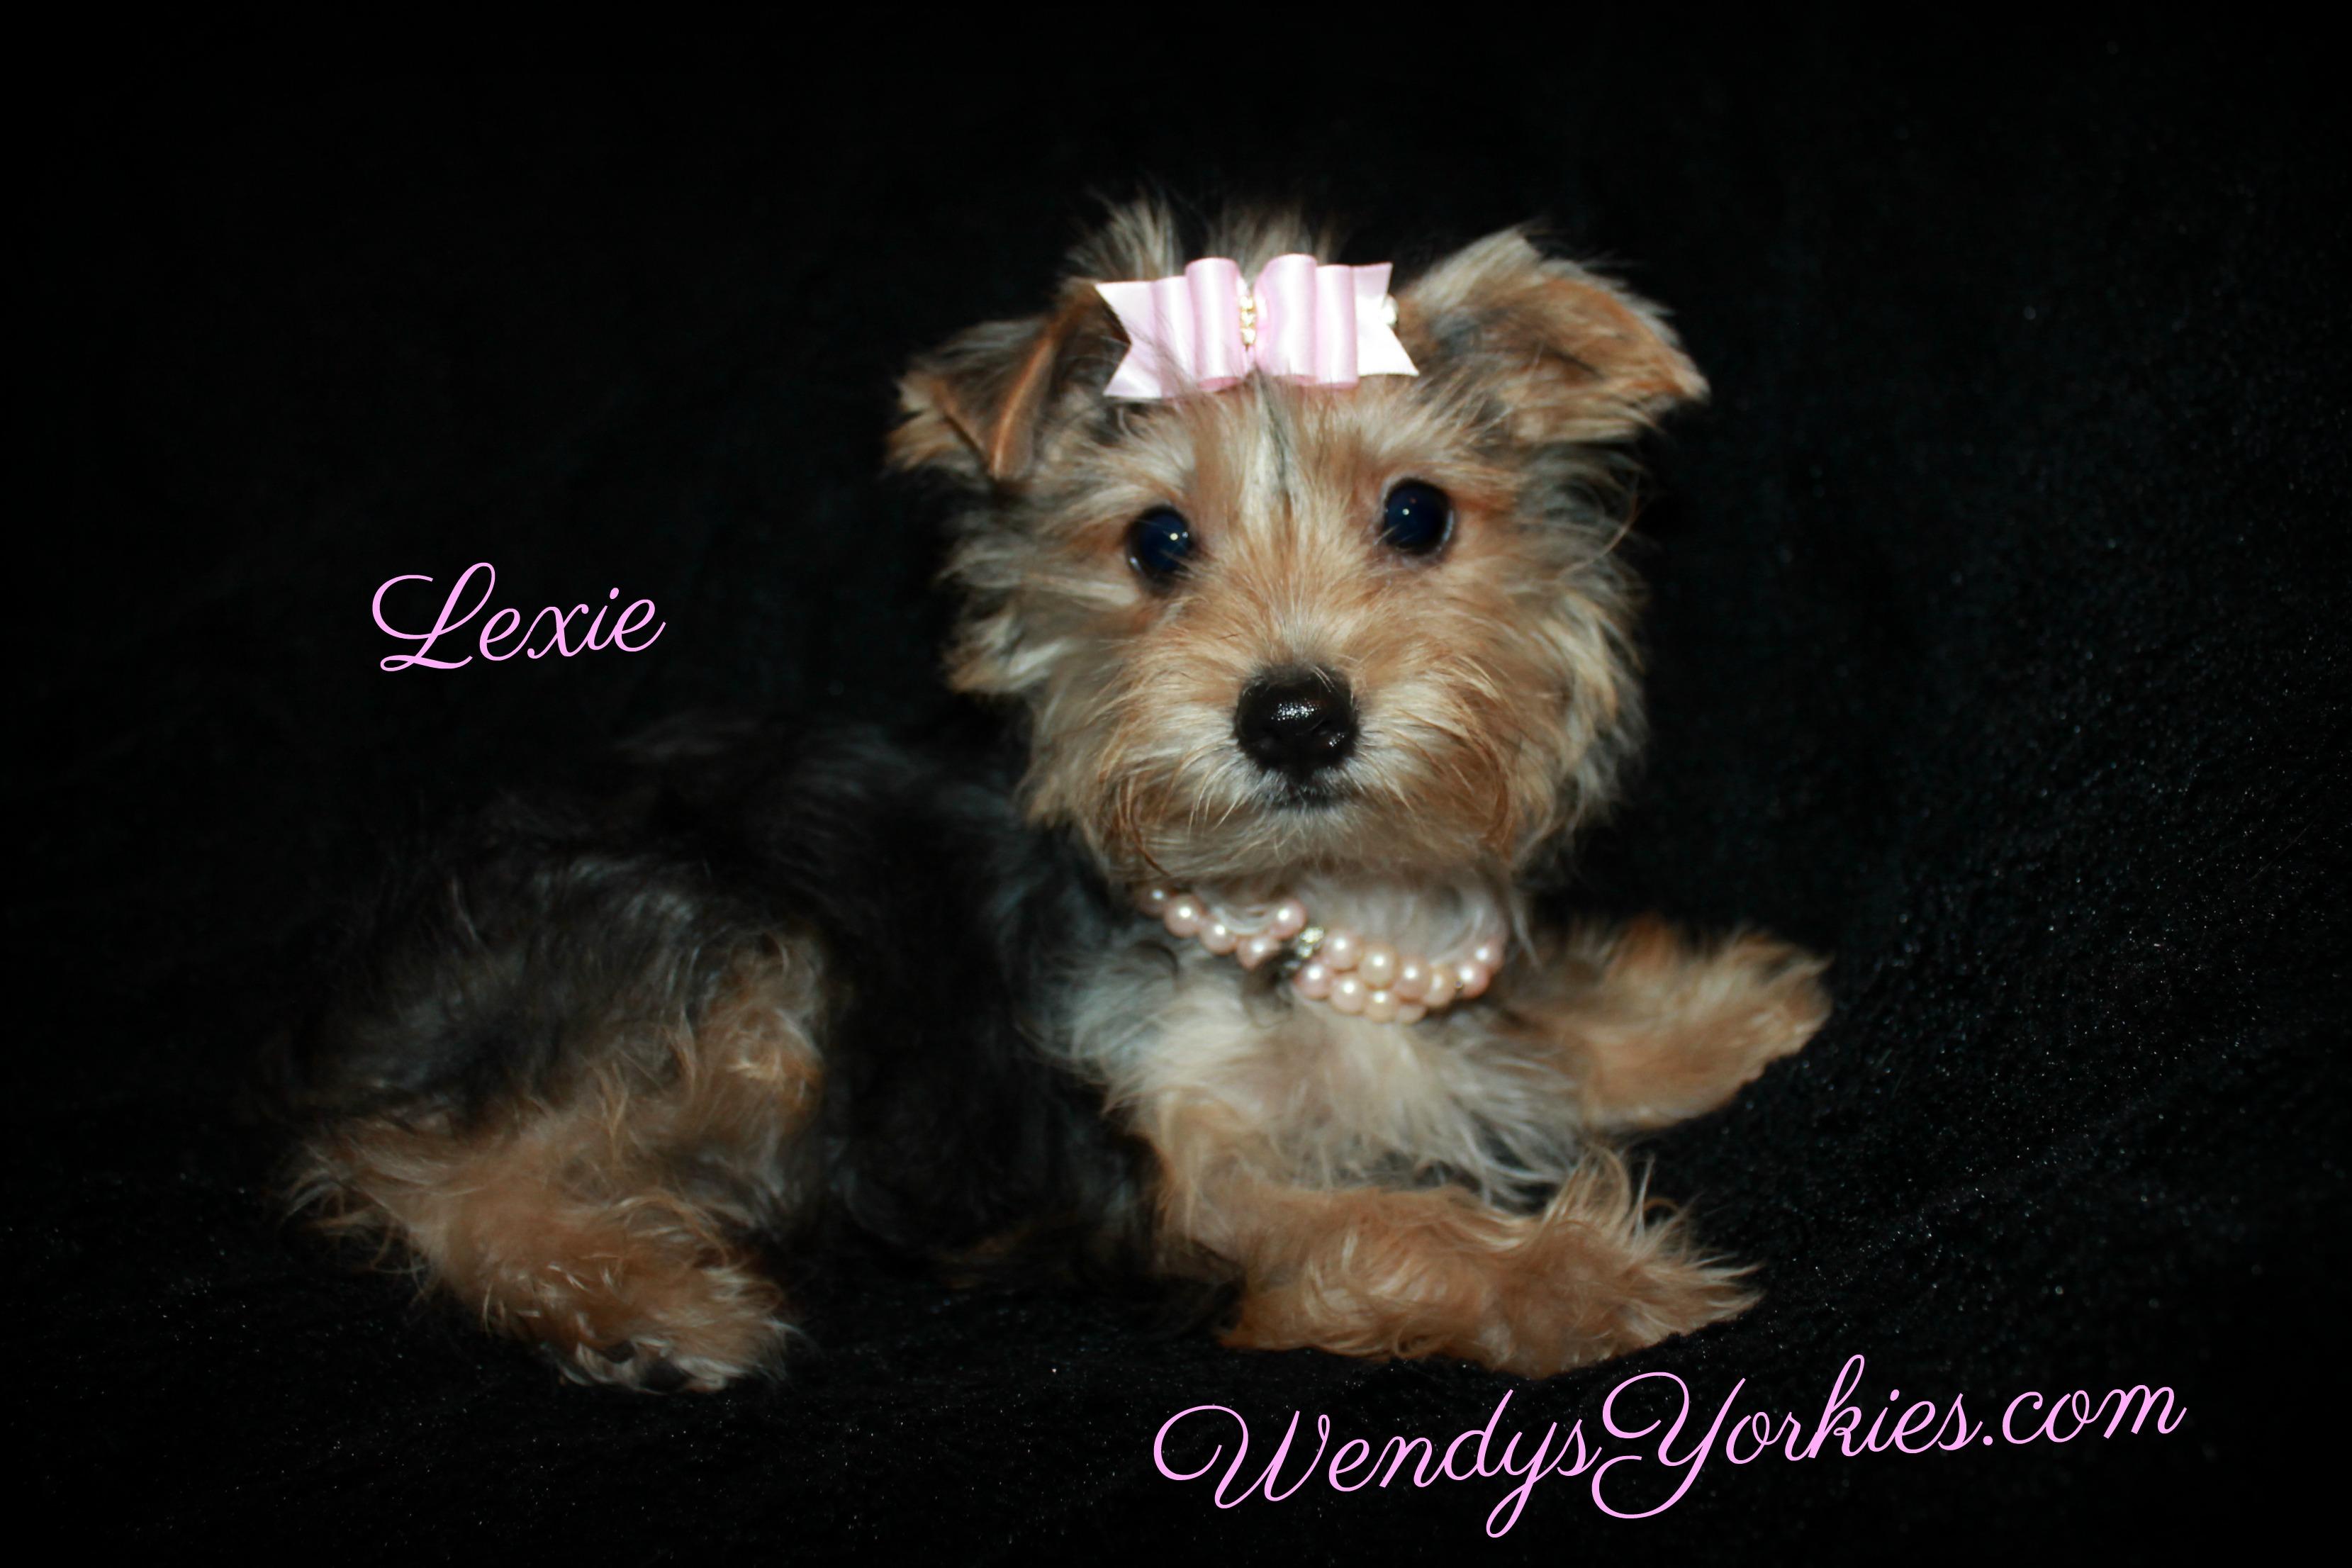 Yorkie breeder in Texas, WendysYorkies.com, Lexie